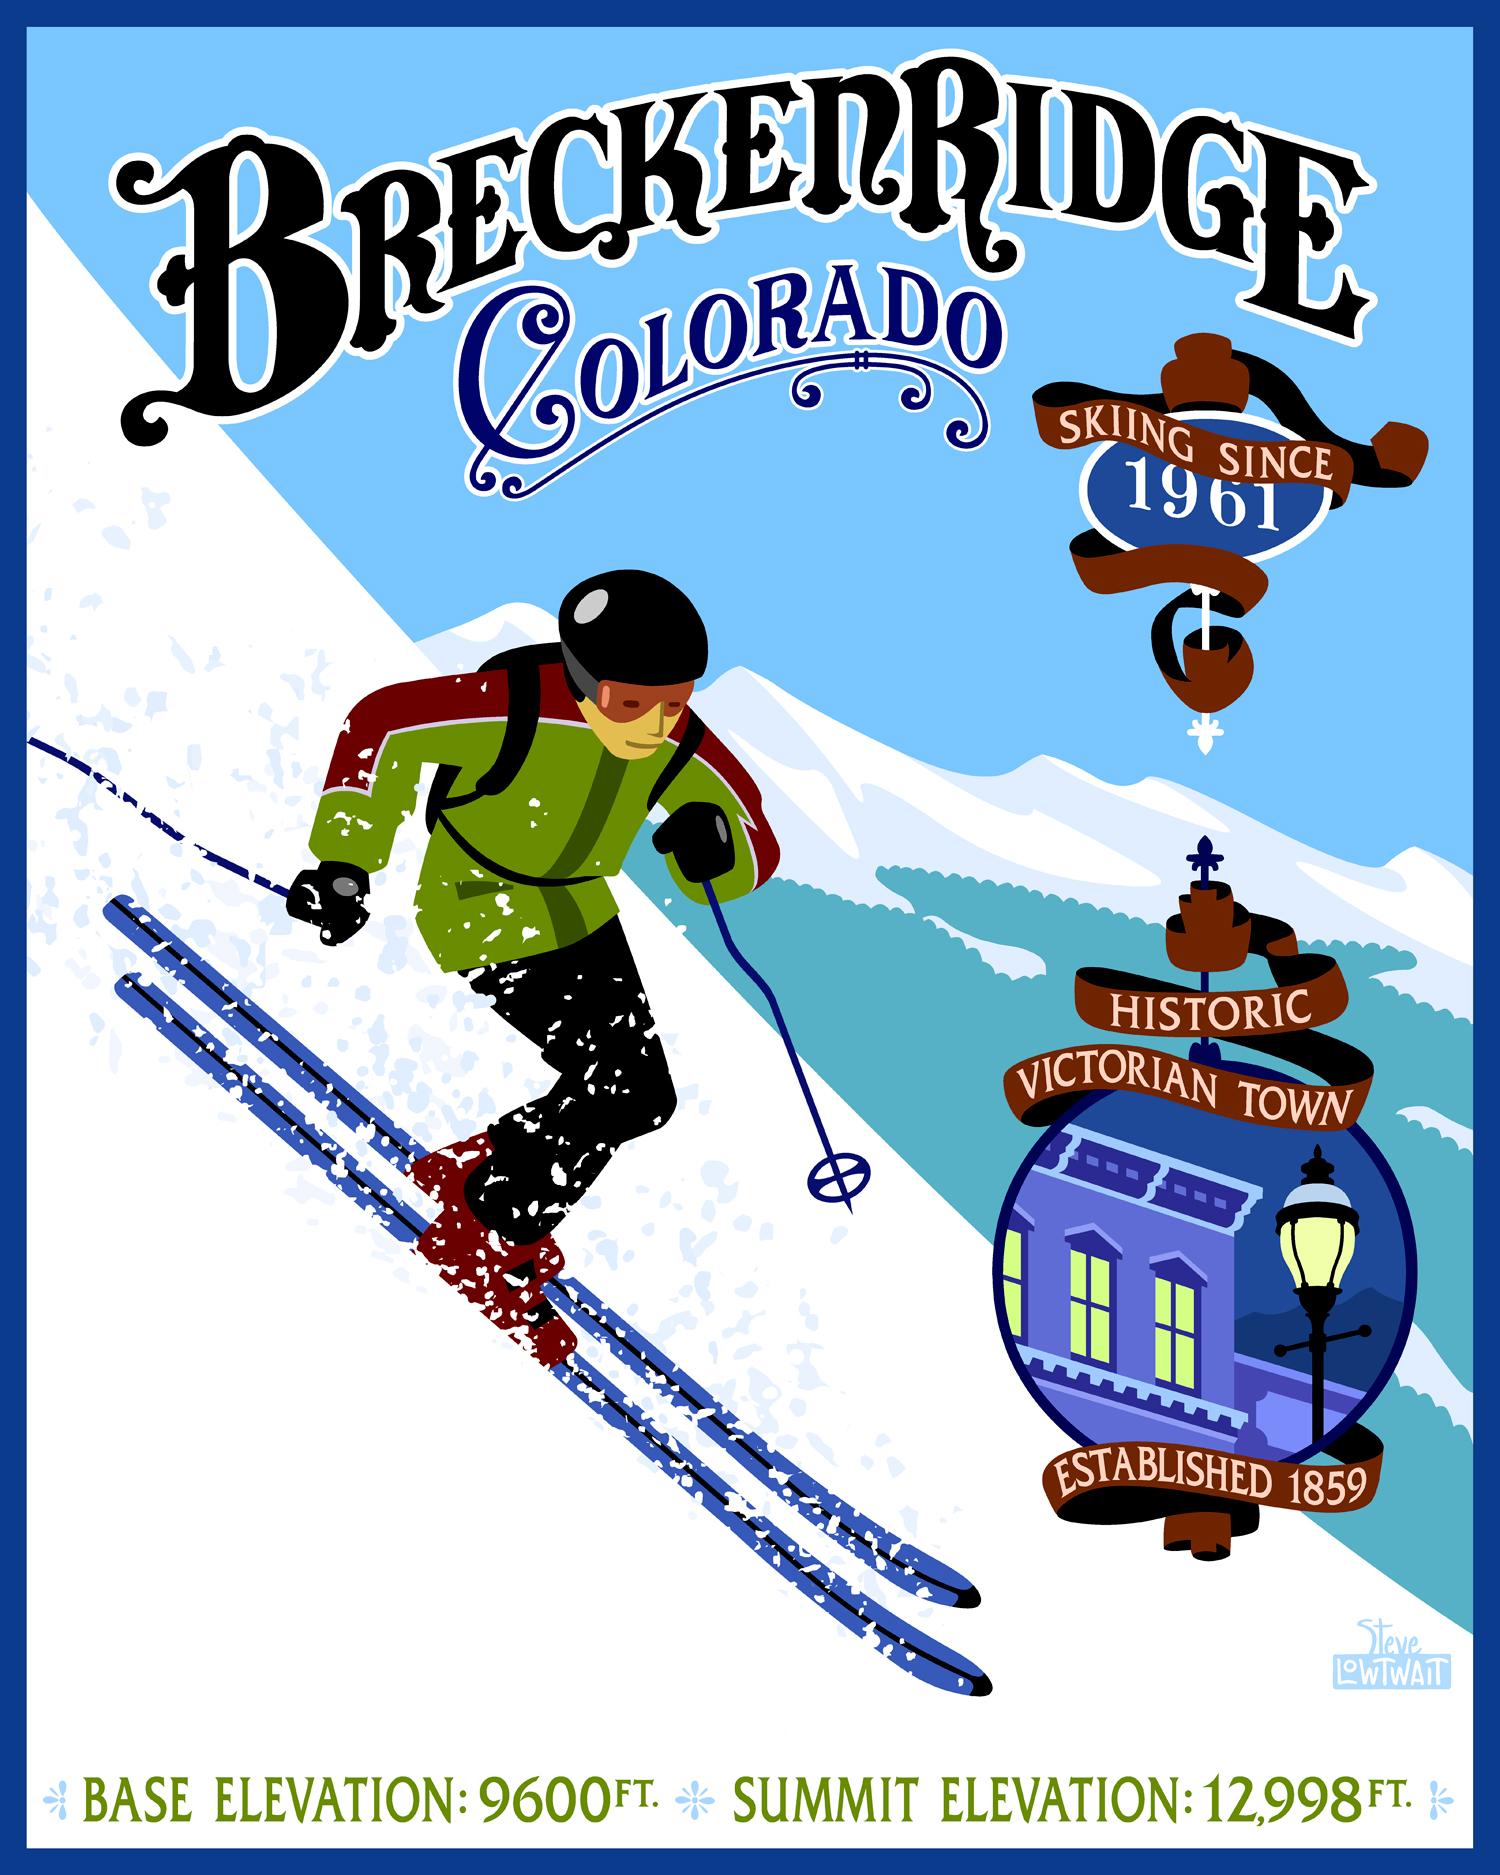 Breckenridge_Colorado.jpg